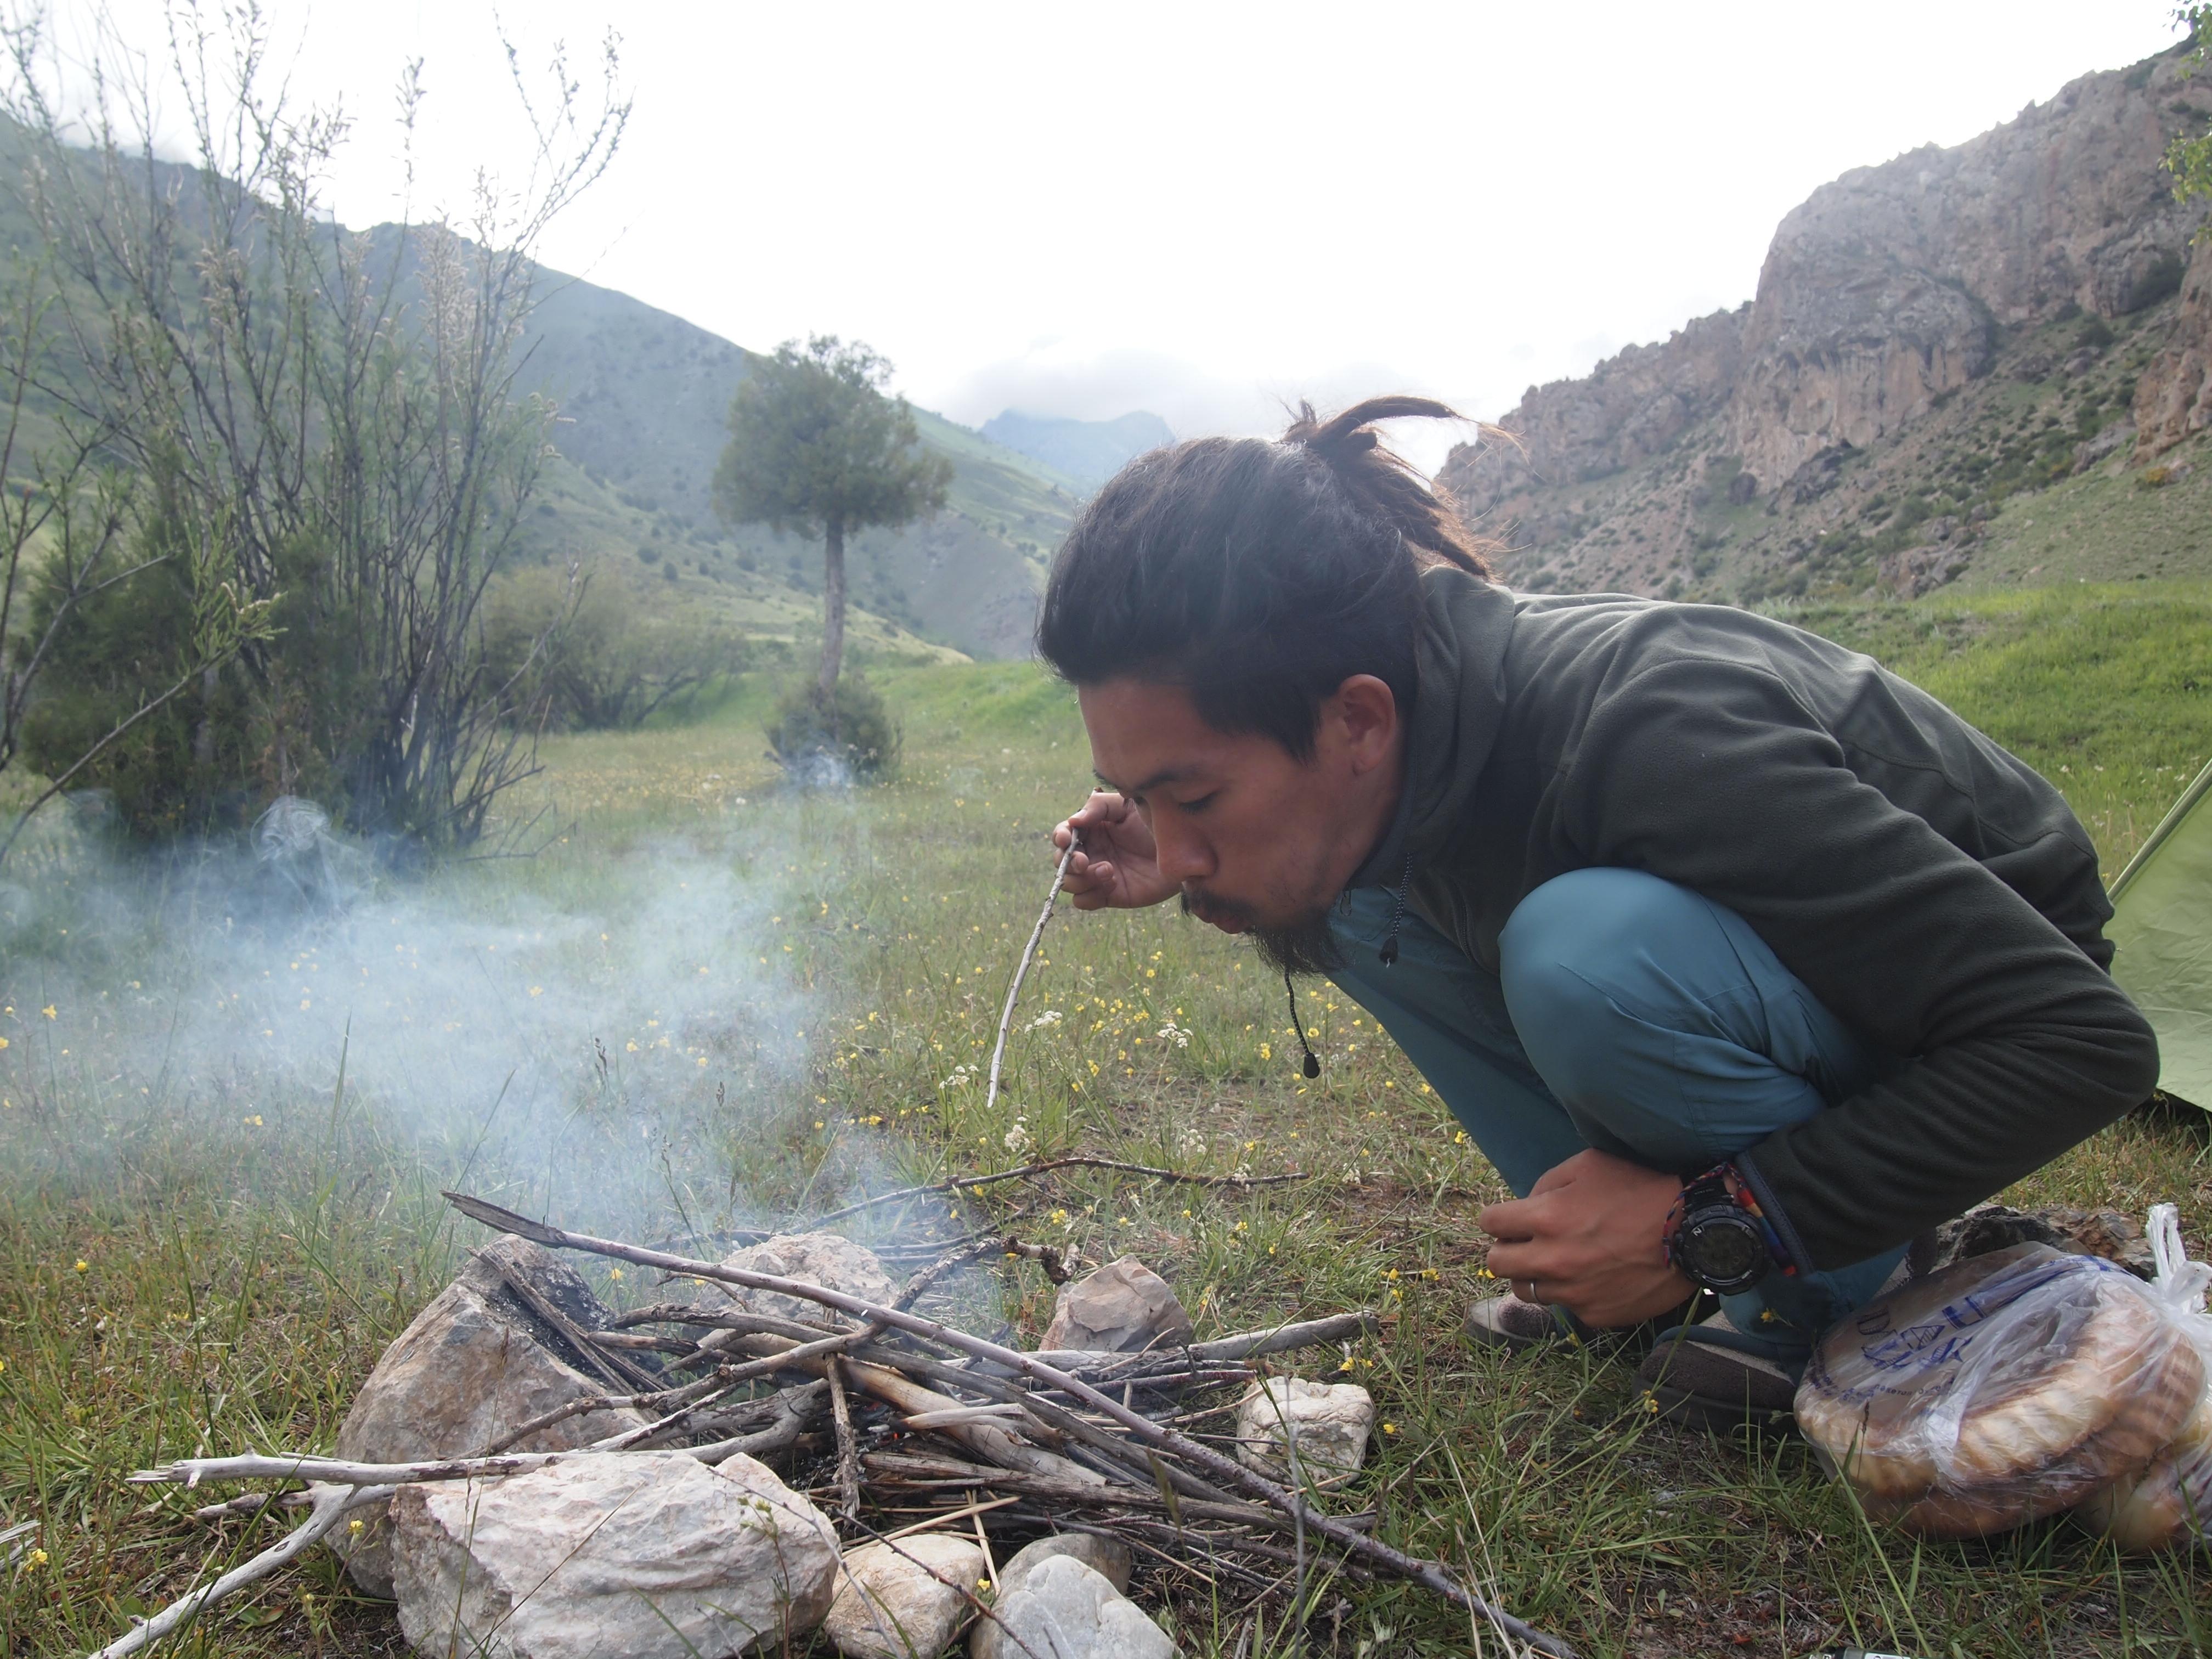 ファンマウンテン トレッキング タジキスタン サルボダ アラウディン 湖 世界一周 旅 ブログ